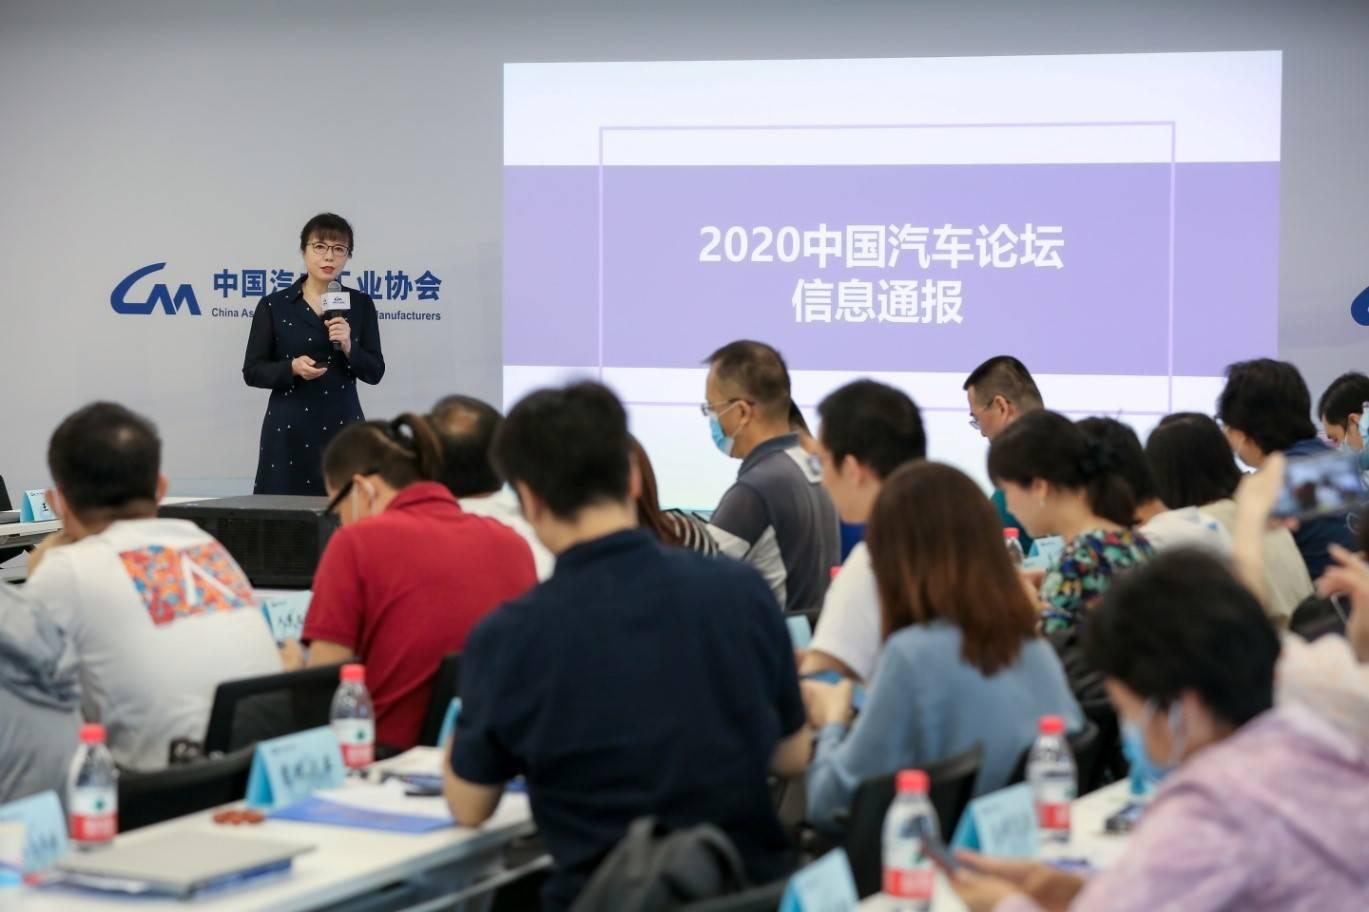 """中汽协:下半年市场趋稳向好 筹划2020中国汽车论坛为""""十四五""""献策助力"""